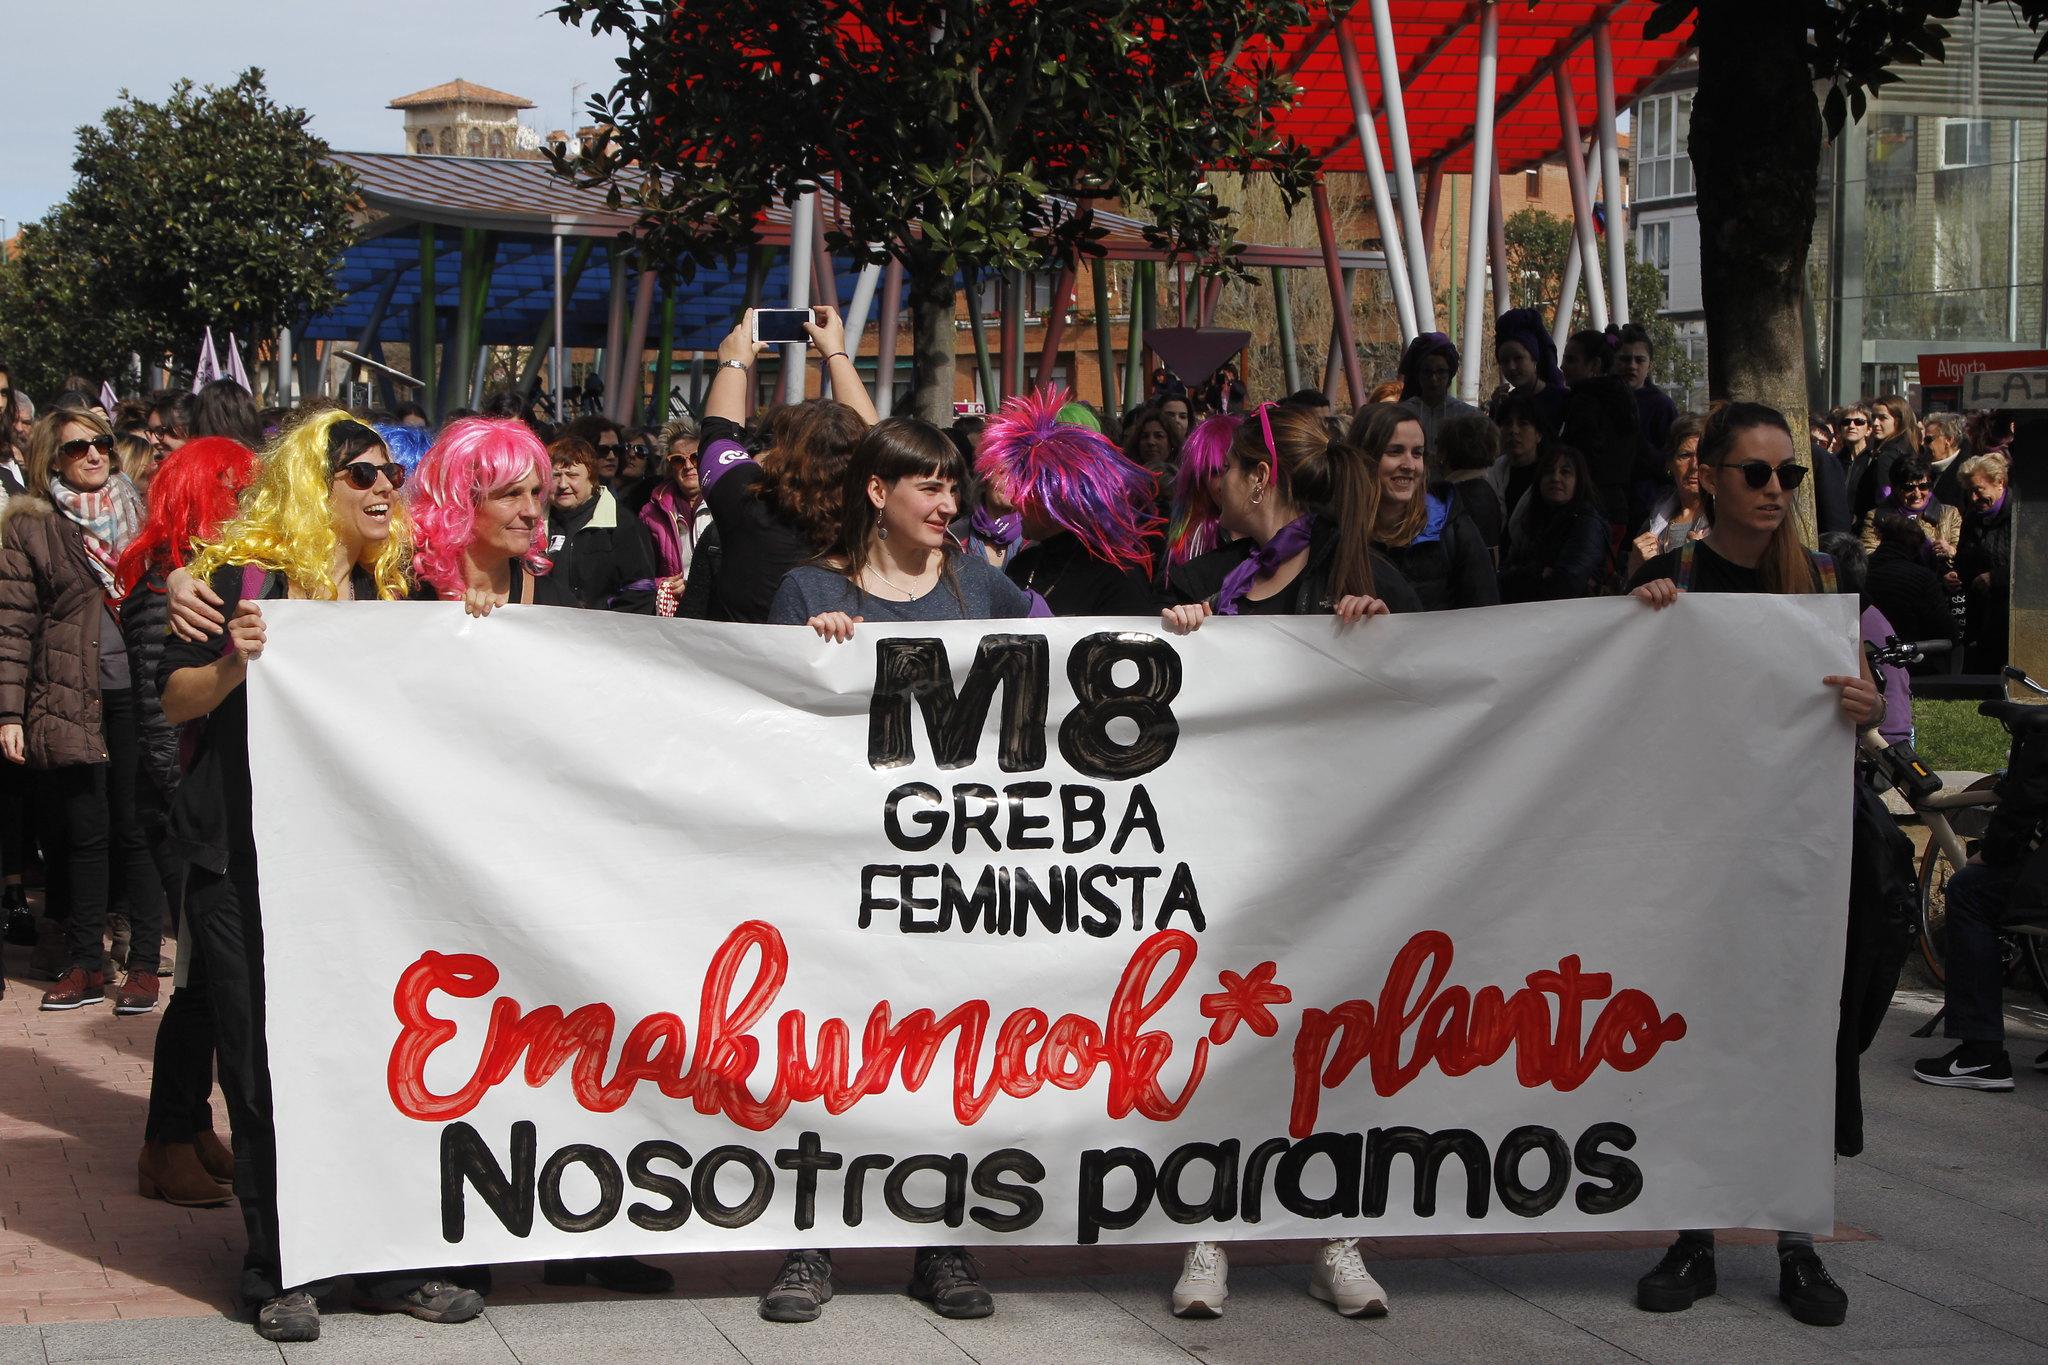 M8ko eskualdeko greba feminista